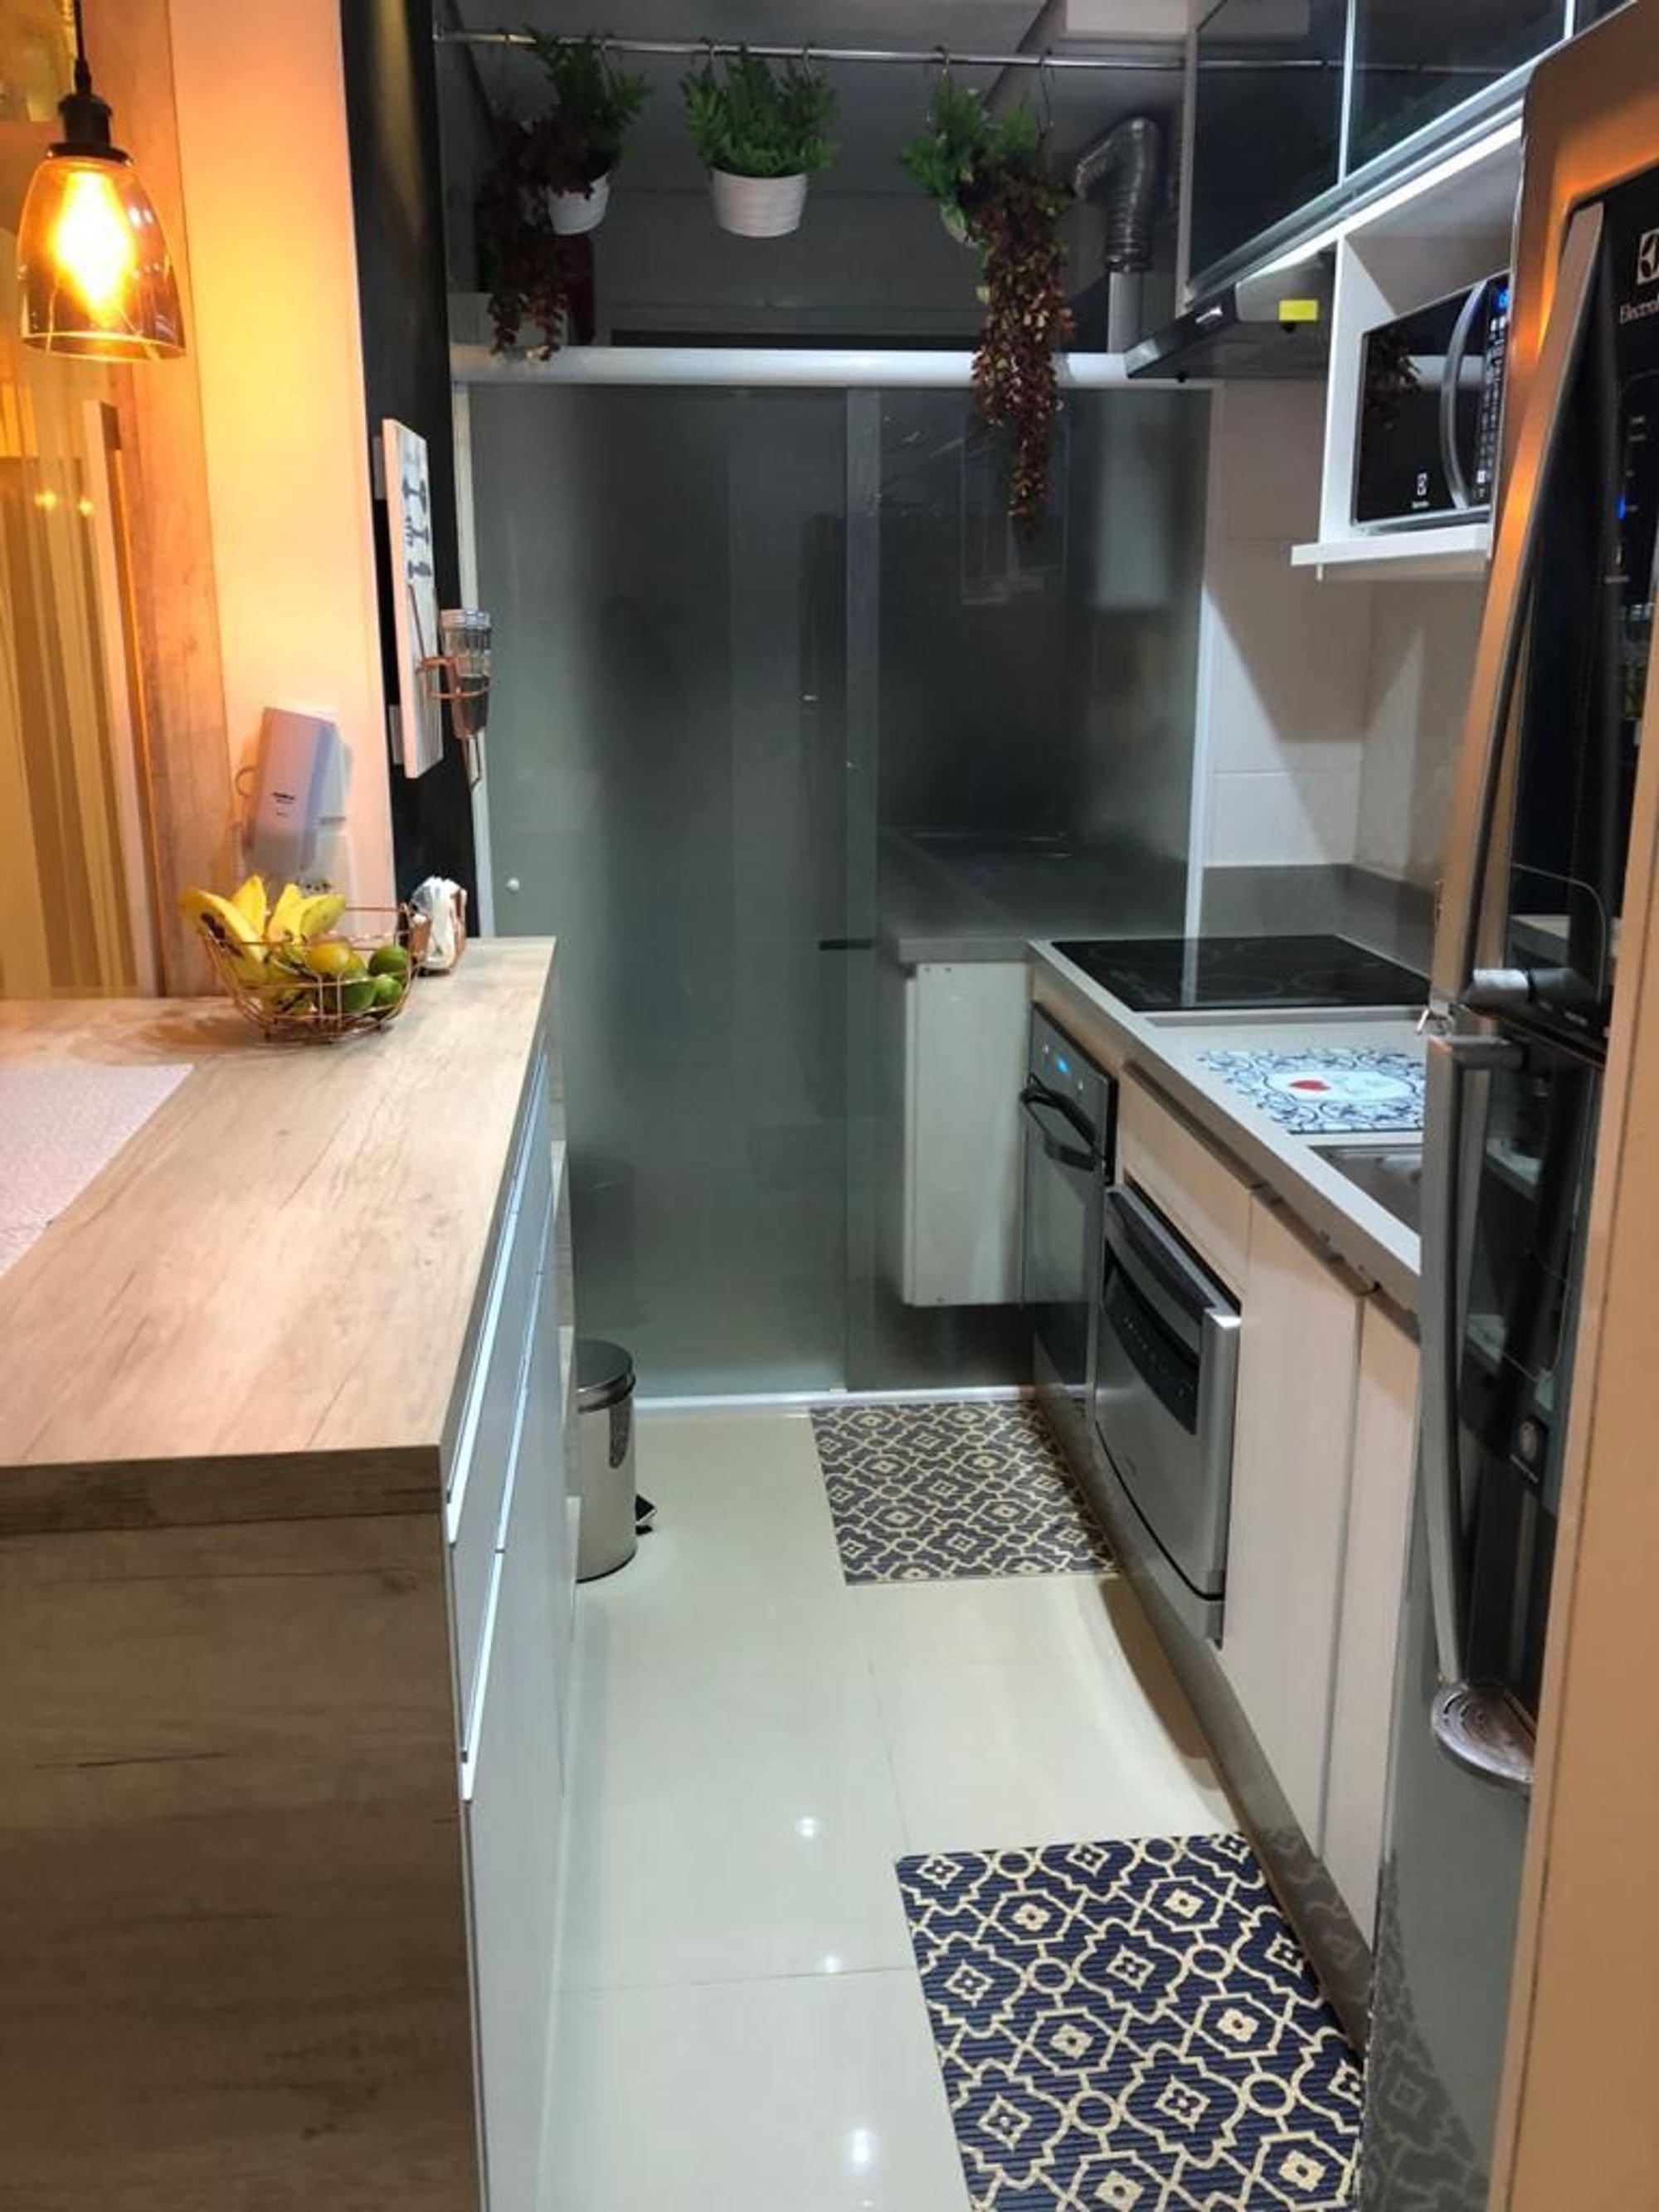 Foto de Cozinha com vaso de planta, geladeira